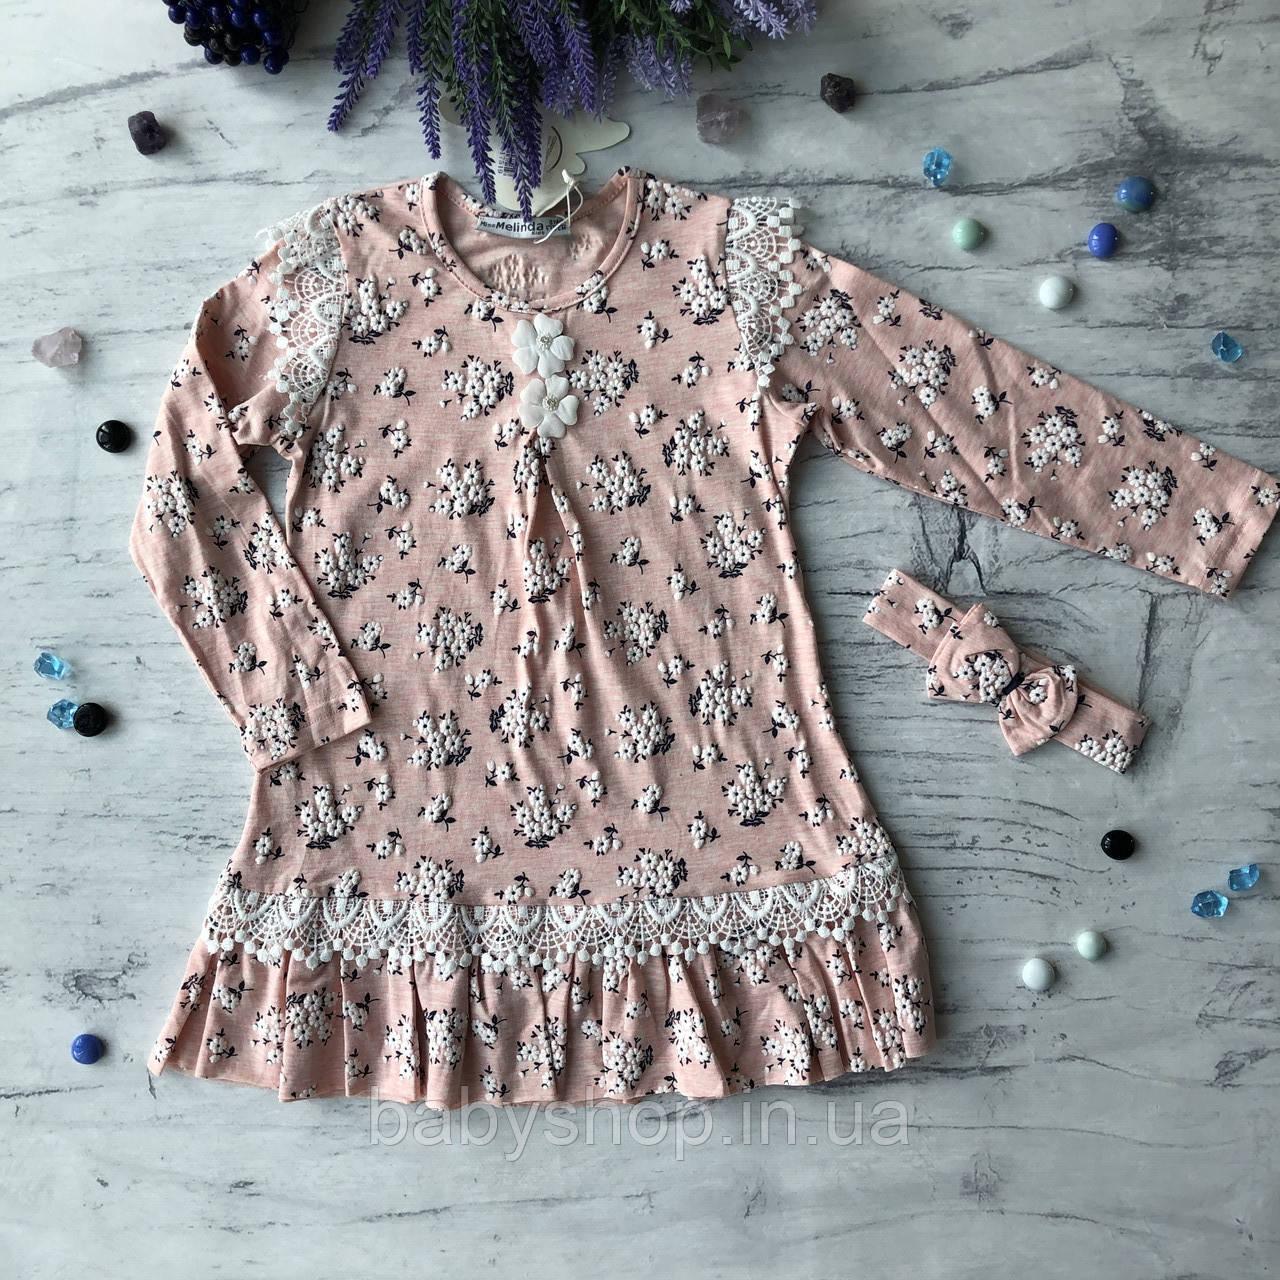 Платье на девочку 207. Размер 116 см, 122 см, 128 см